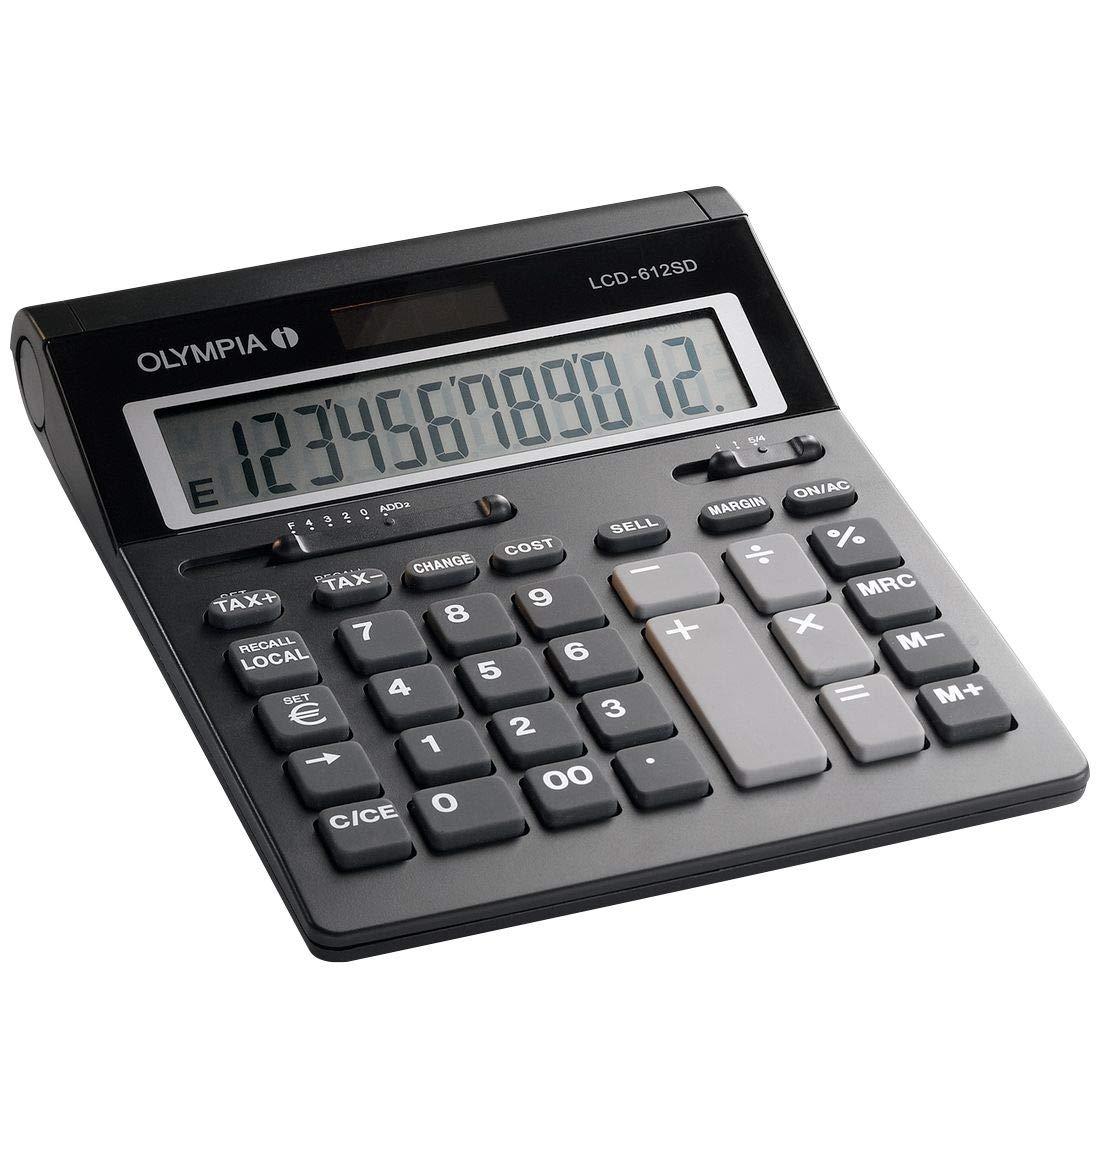 Olympia – Calculadora de mesa LCD 612 Euro: Amazon.es: Oficina y ...